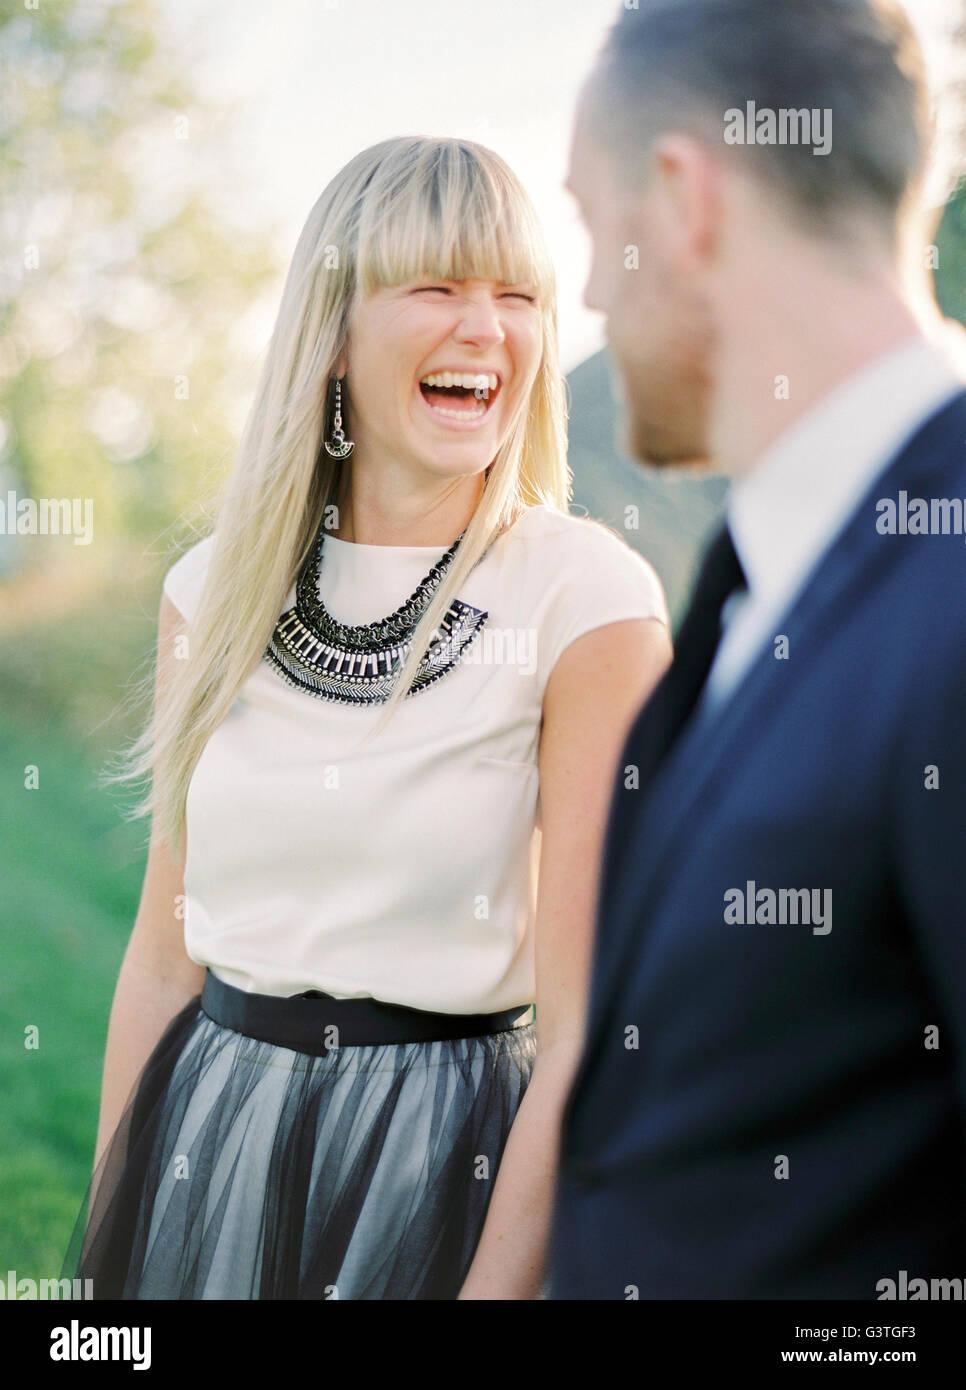 Schweden, Porträt des Lachens, Braut und Bräutigam Stockbild